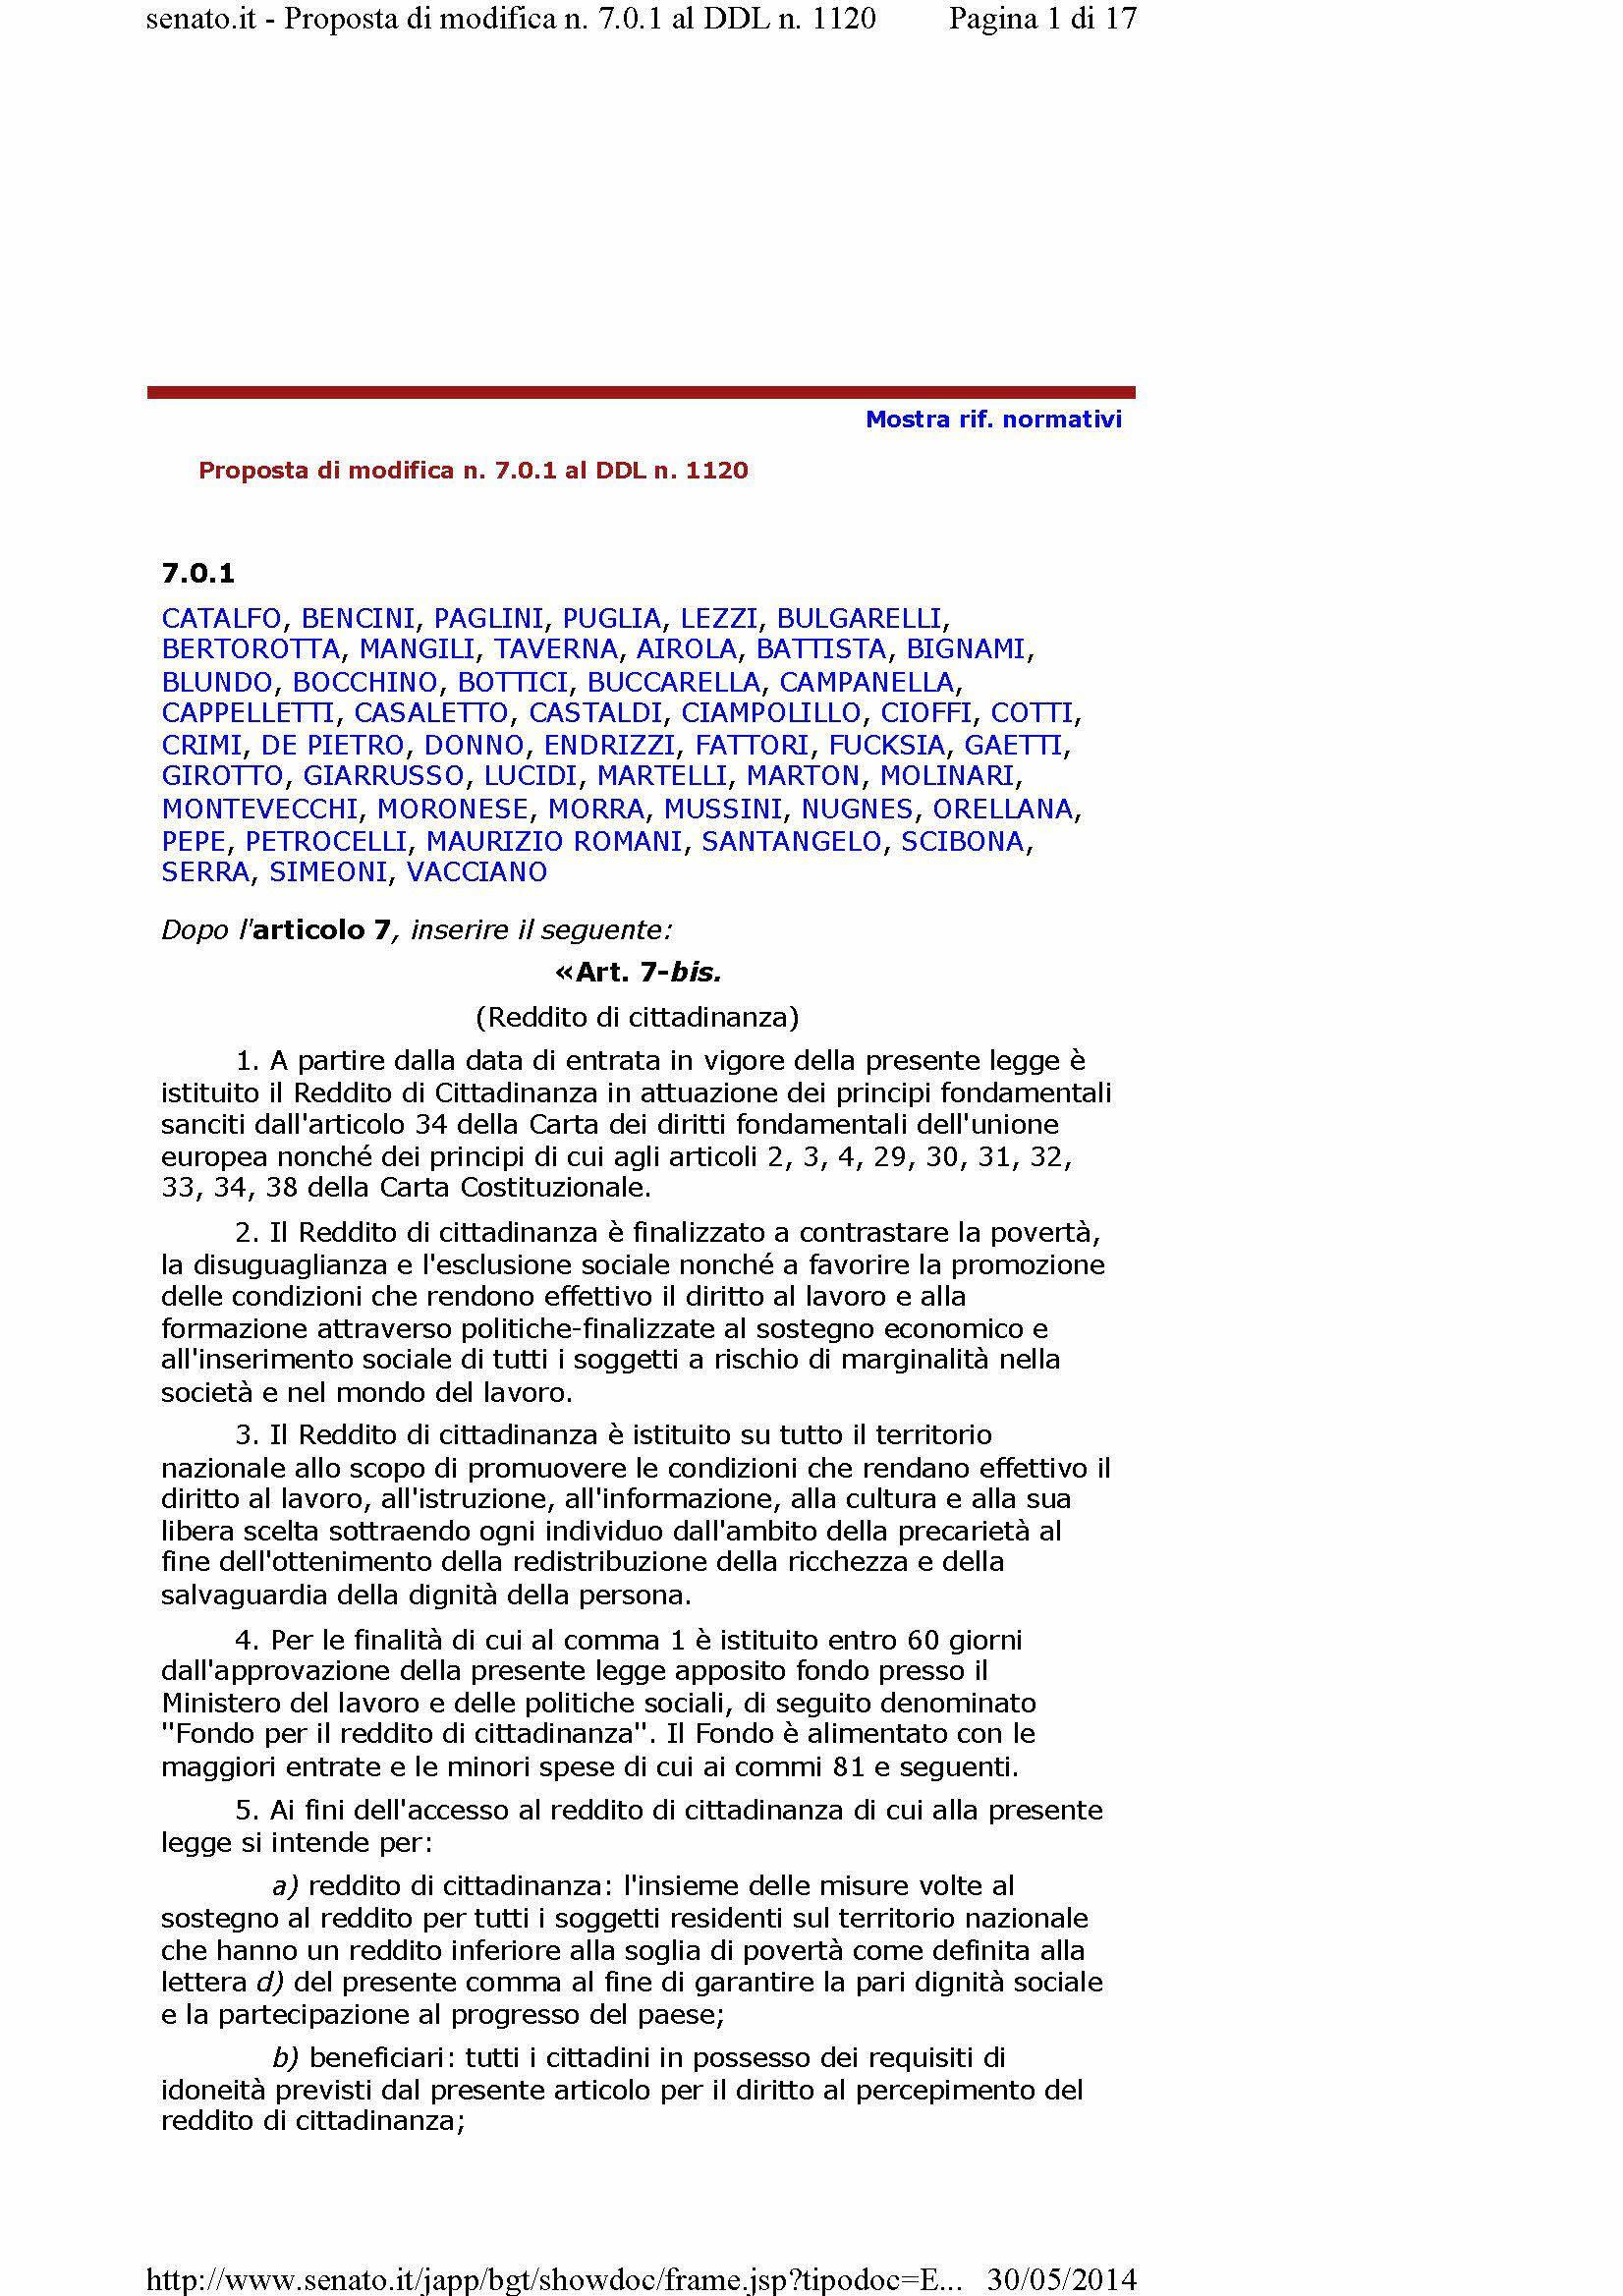 Proposta Reddito di Cittadinanza [M5S]